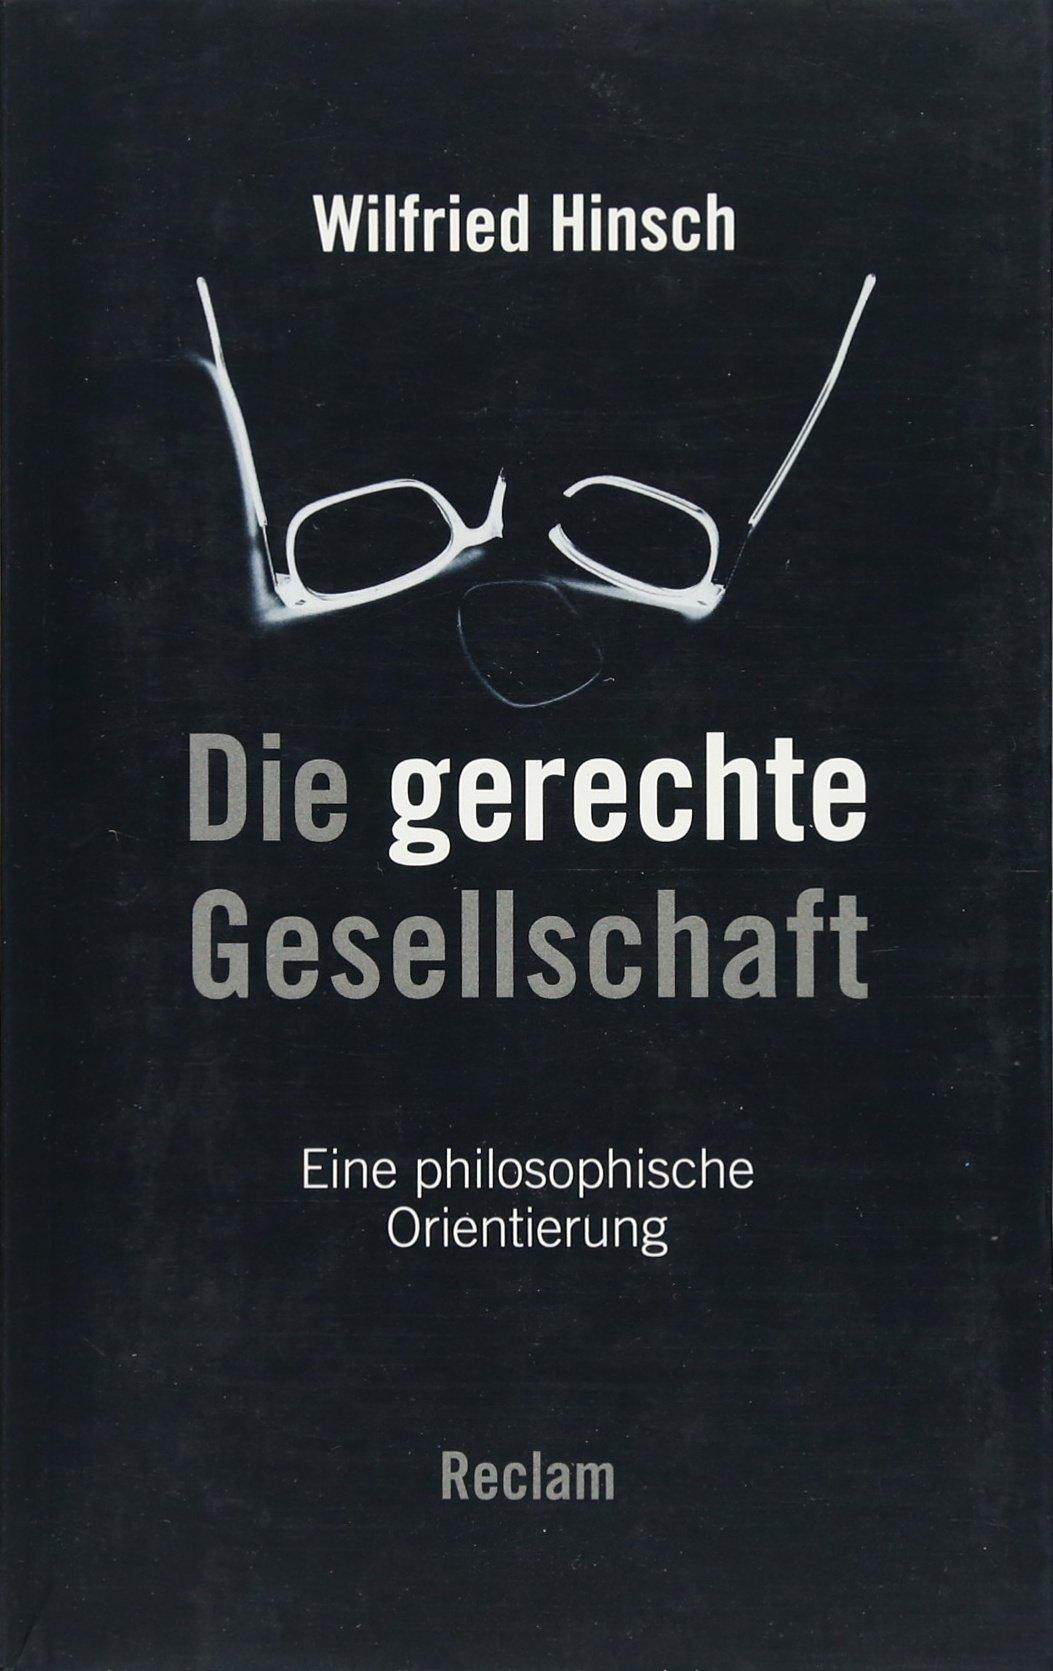 Die gerechte Gesellschaft: Eine philosophische Orientierung Taschenbuch – 16. März 2016 Wilfried Hinsch Reclam Philipp jun. GmbH